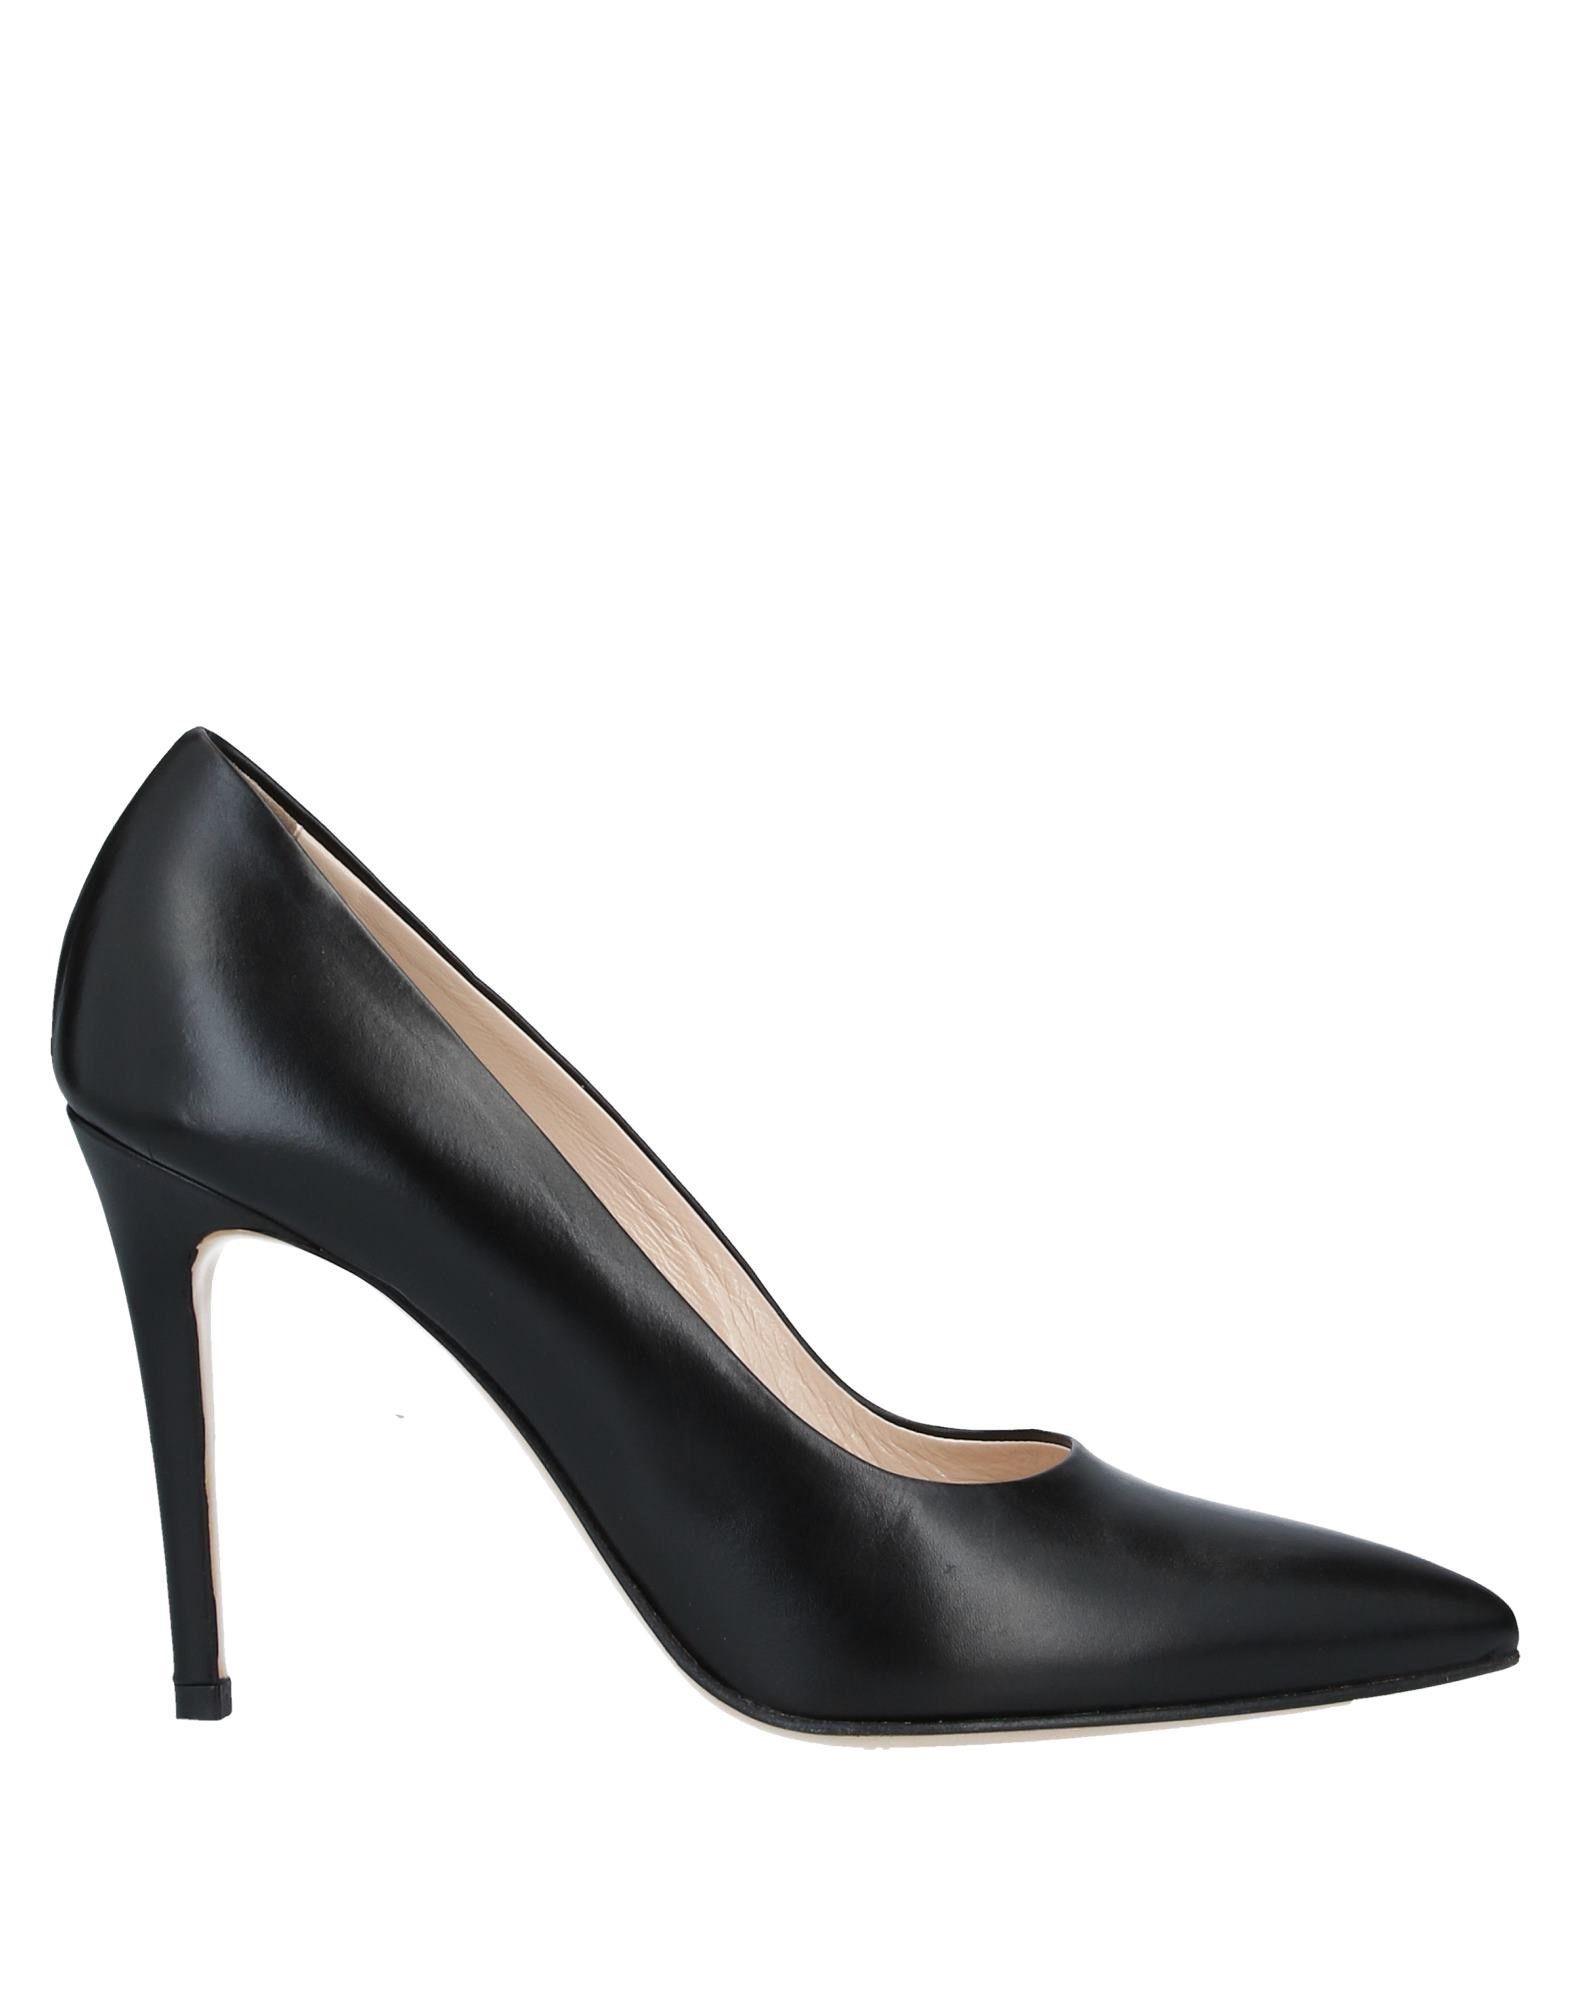 цены на CATERINA DEL MORO Туфли в интернет-магазинах